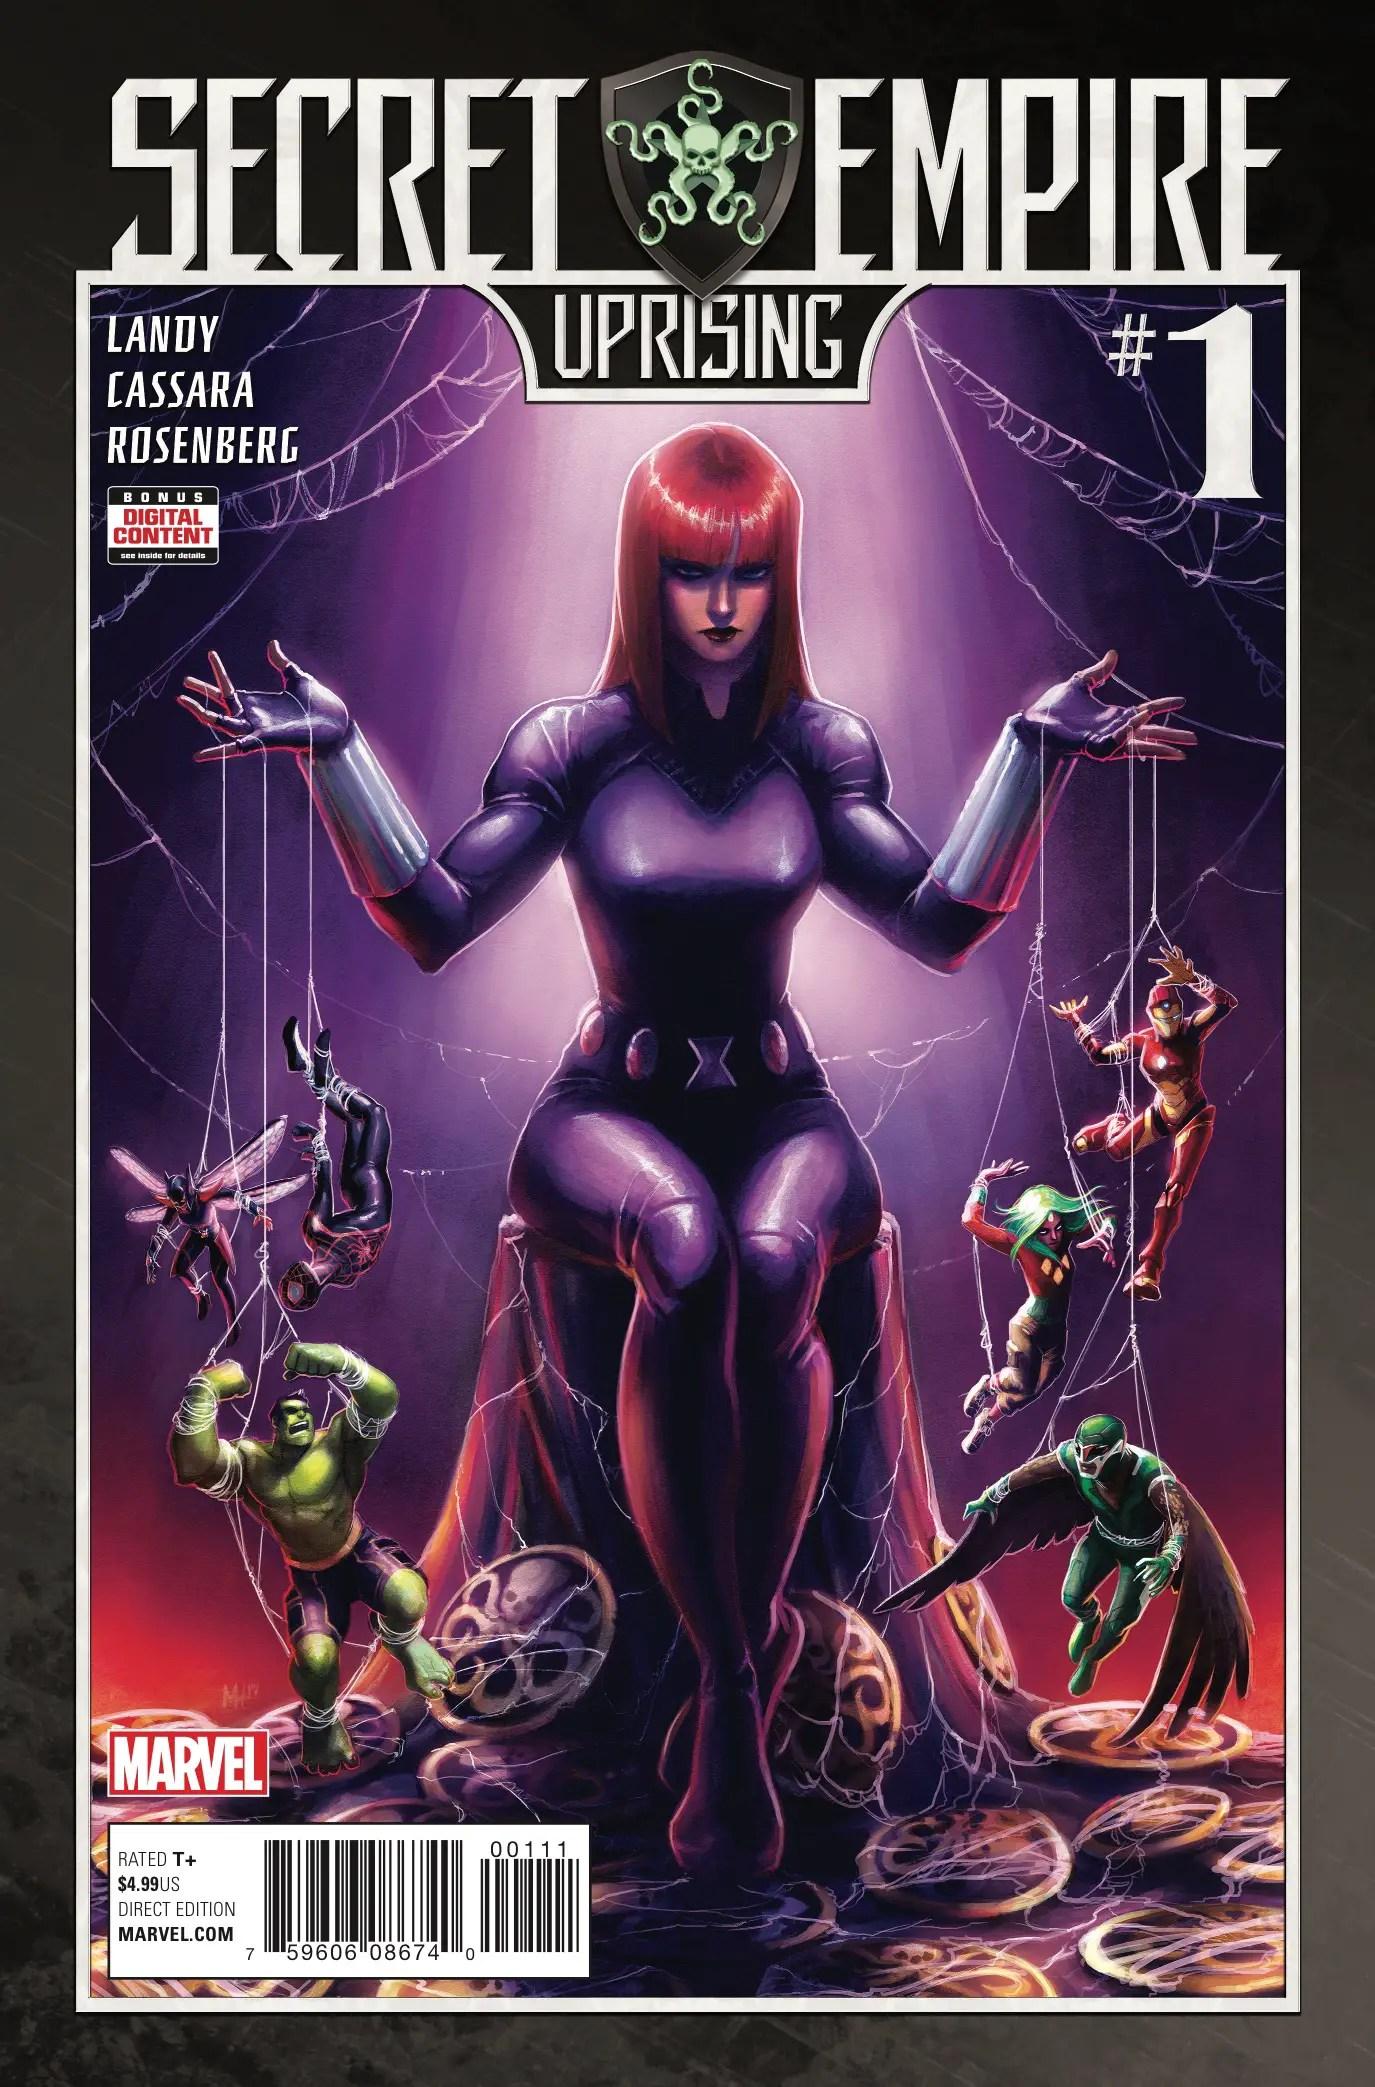 Secret Empire: Uprising #1 Review